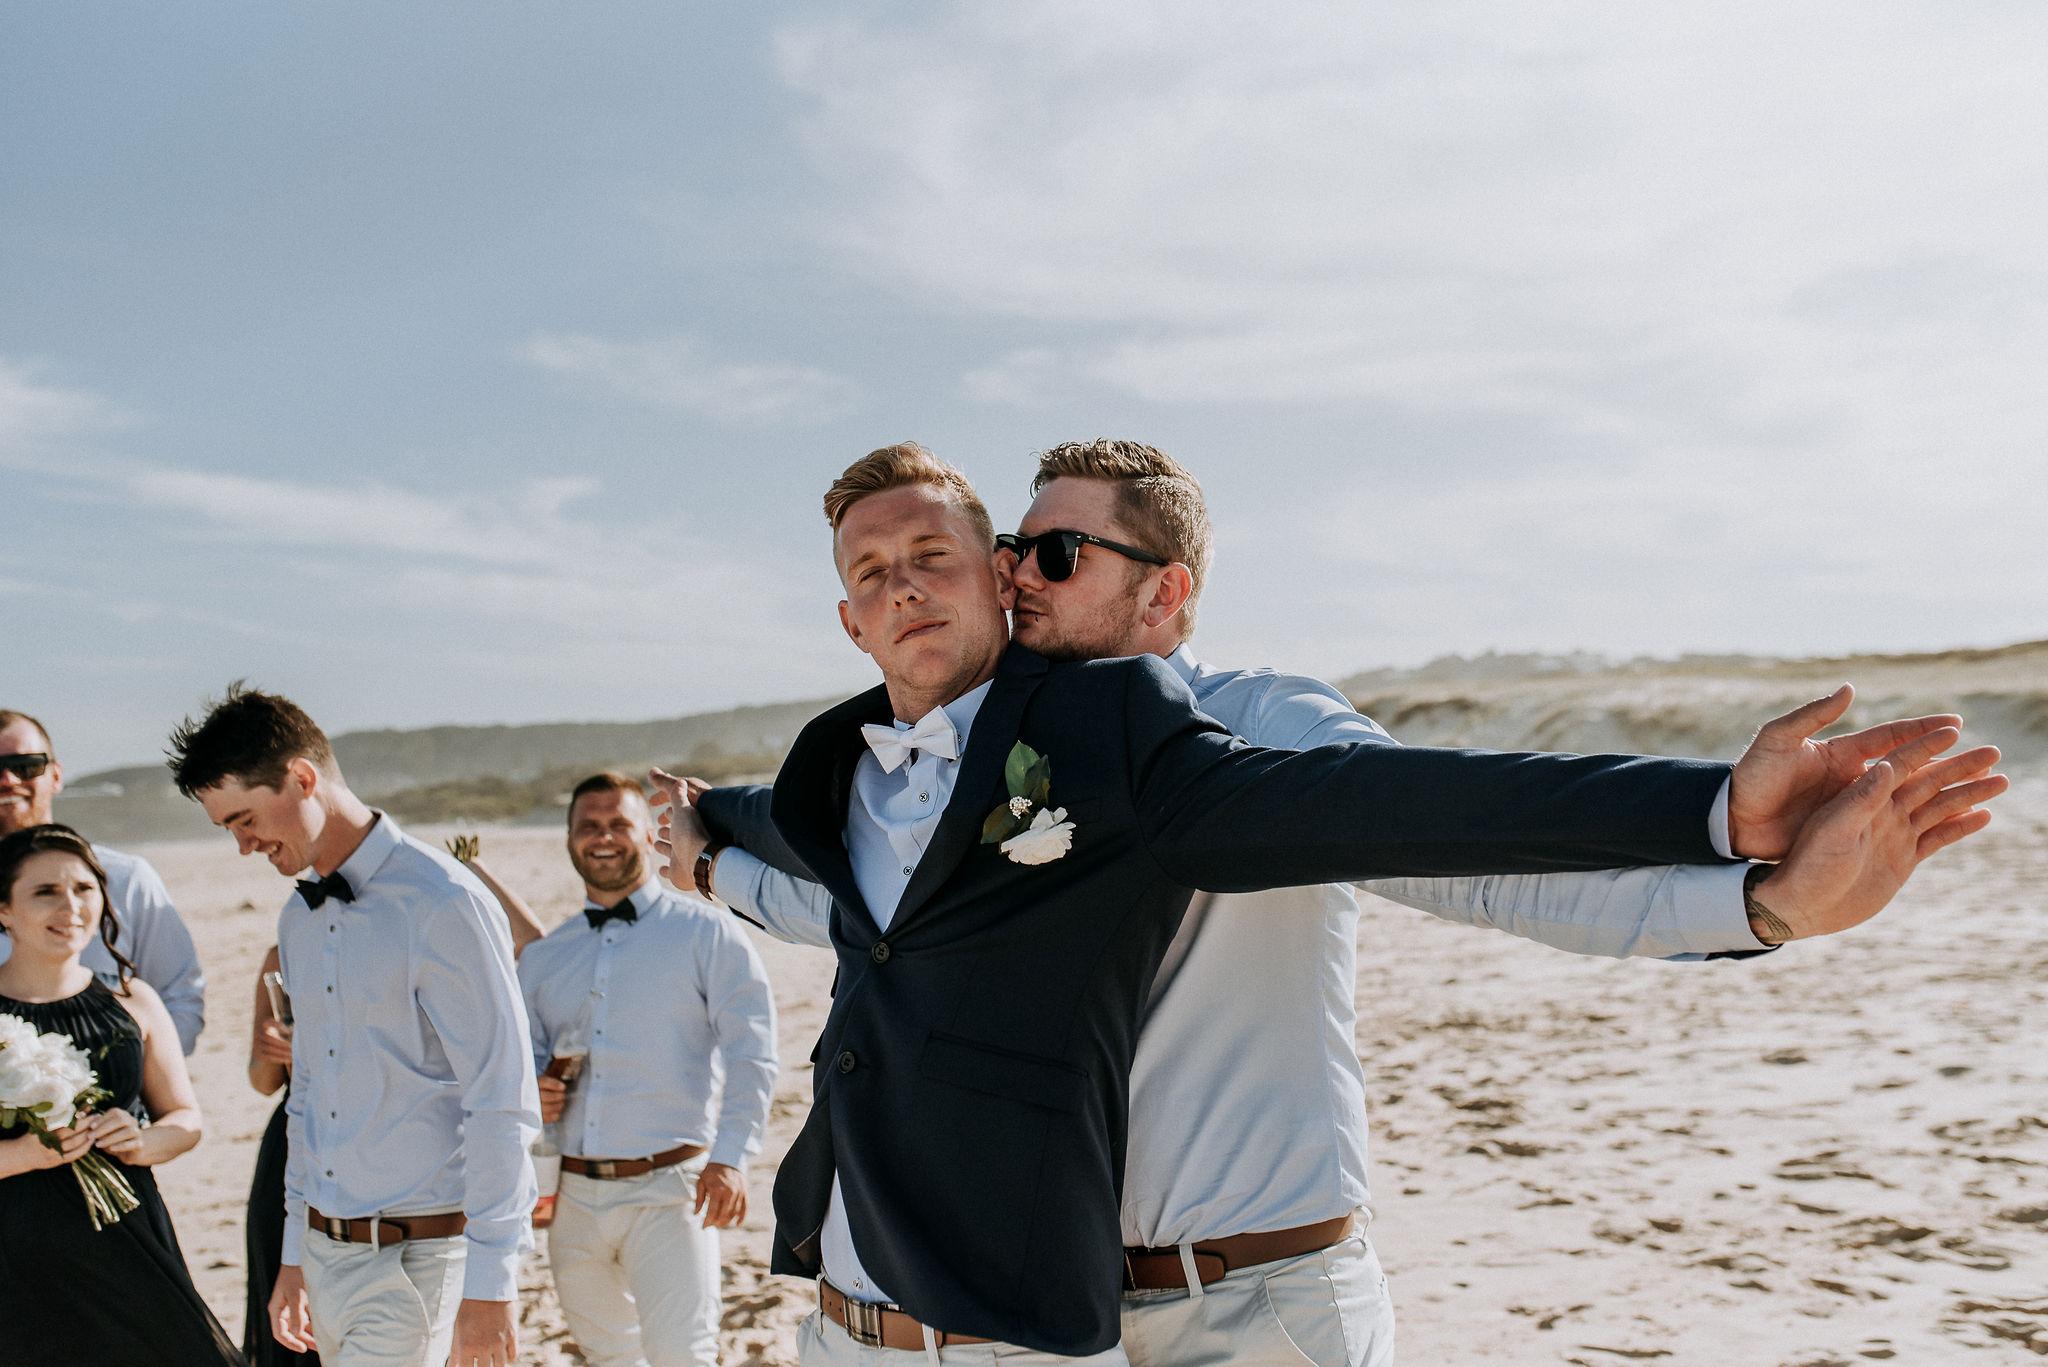 CAVES-BEACH-WEDDING-PATTEN-PREVIEW-3.jpg